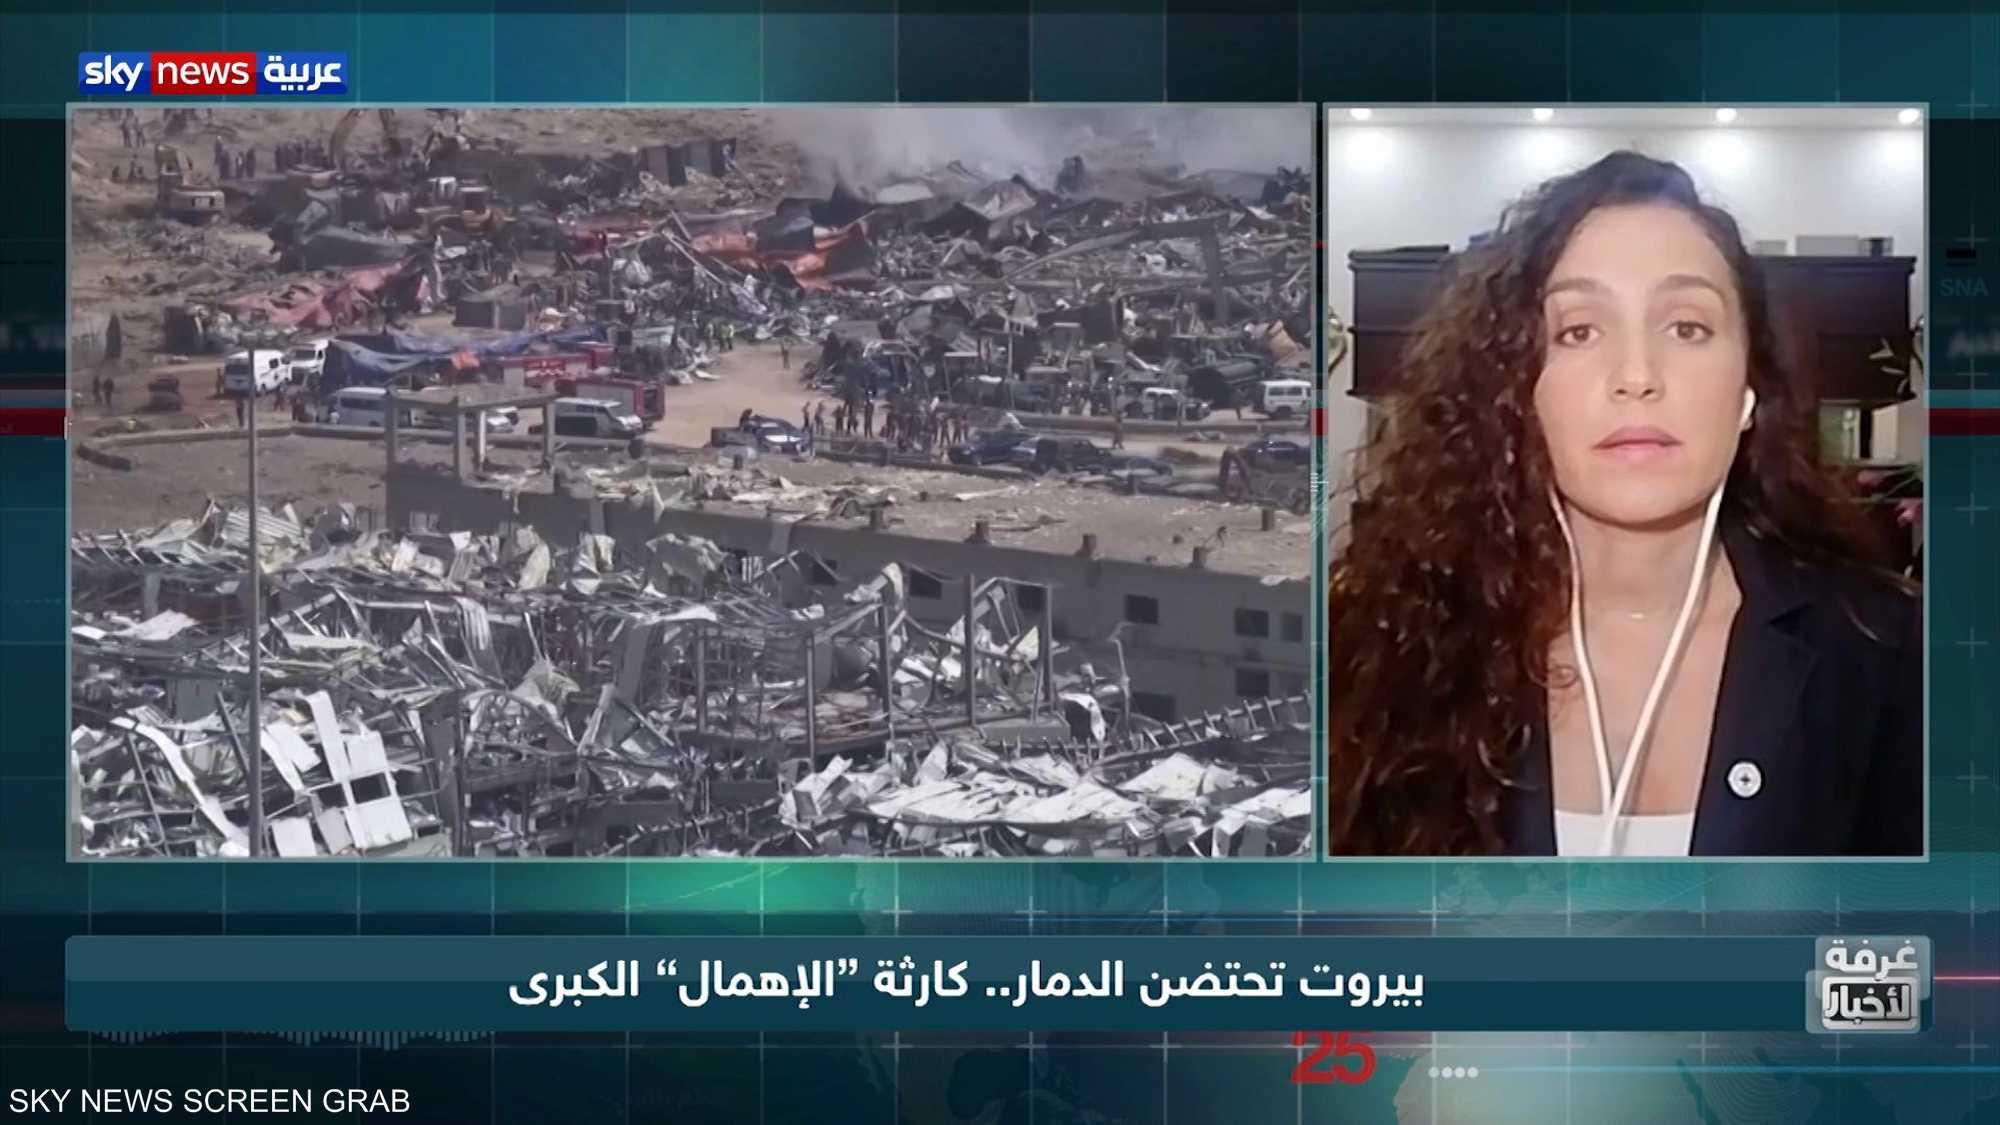 بيروت تحتضن الدمار.. كارثة {الإهمال} الكبرى